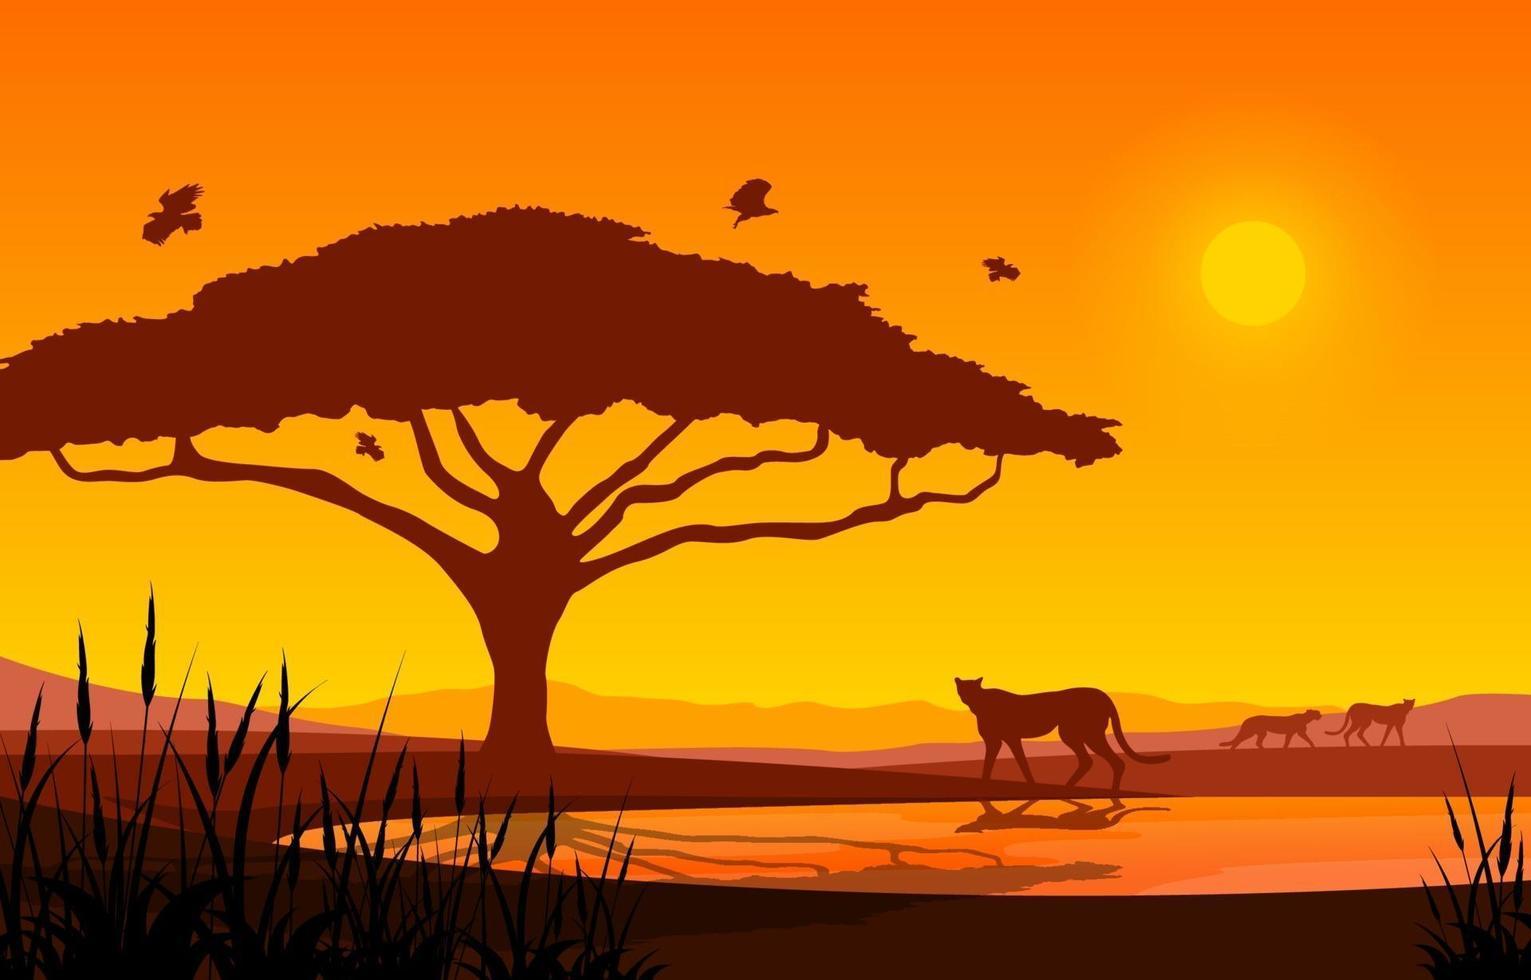 guépards à l'oasis dans le paysage de la savane africaine au coucher du soleil illustration vecteur